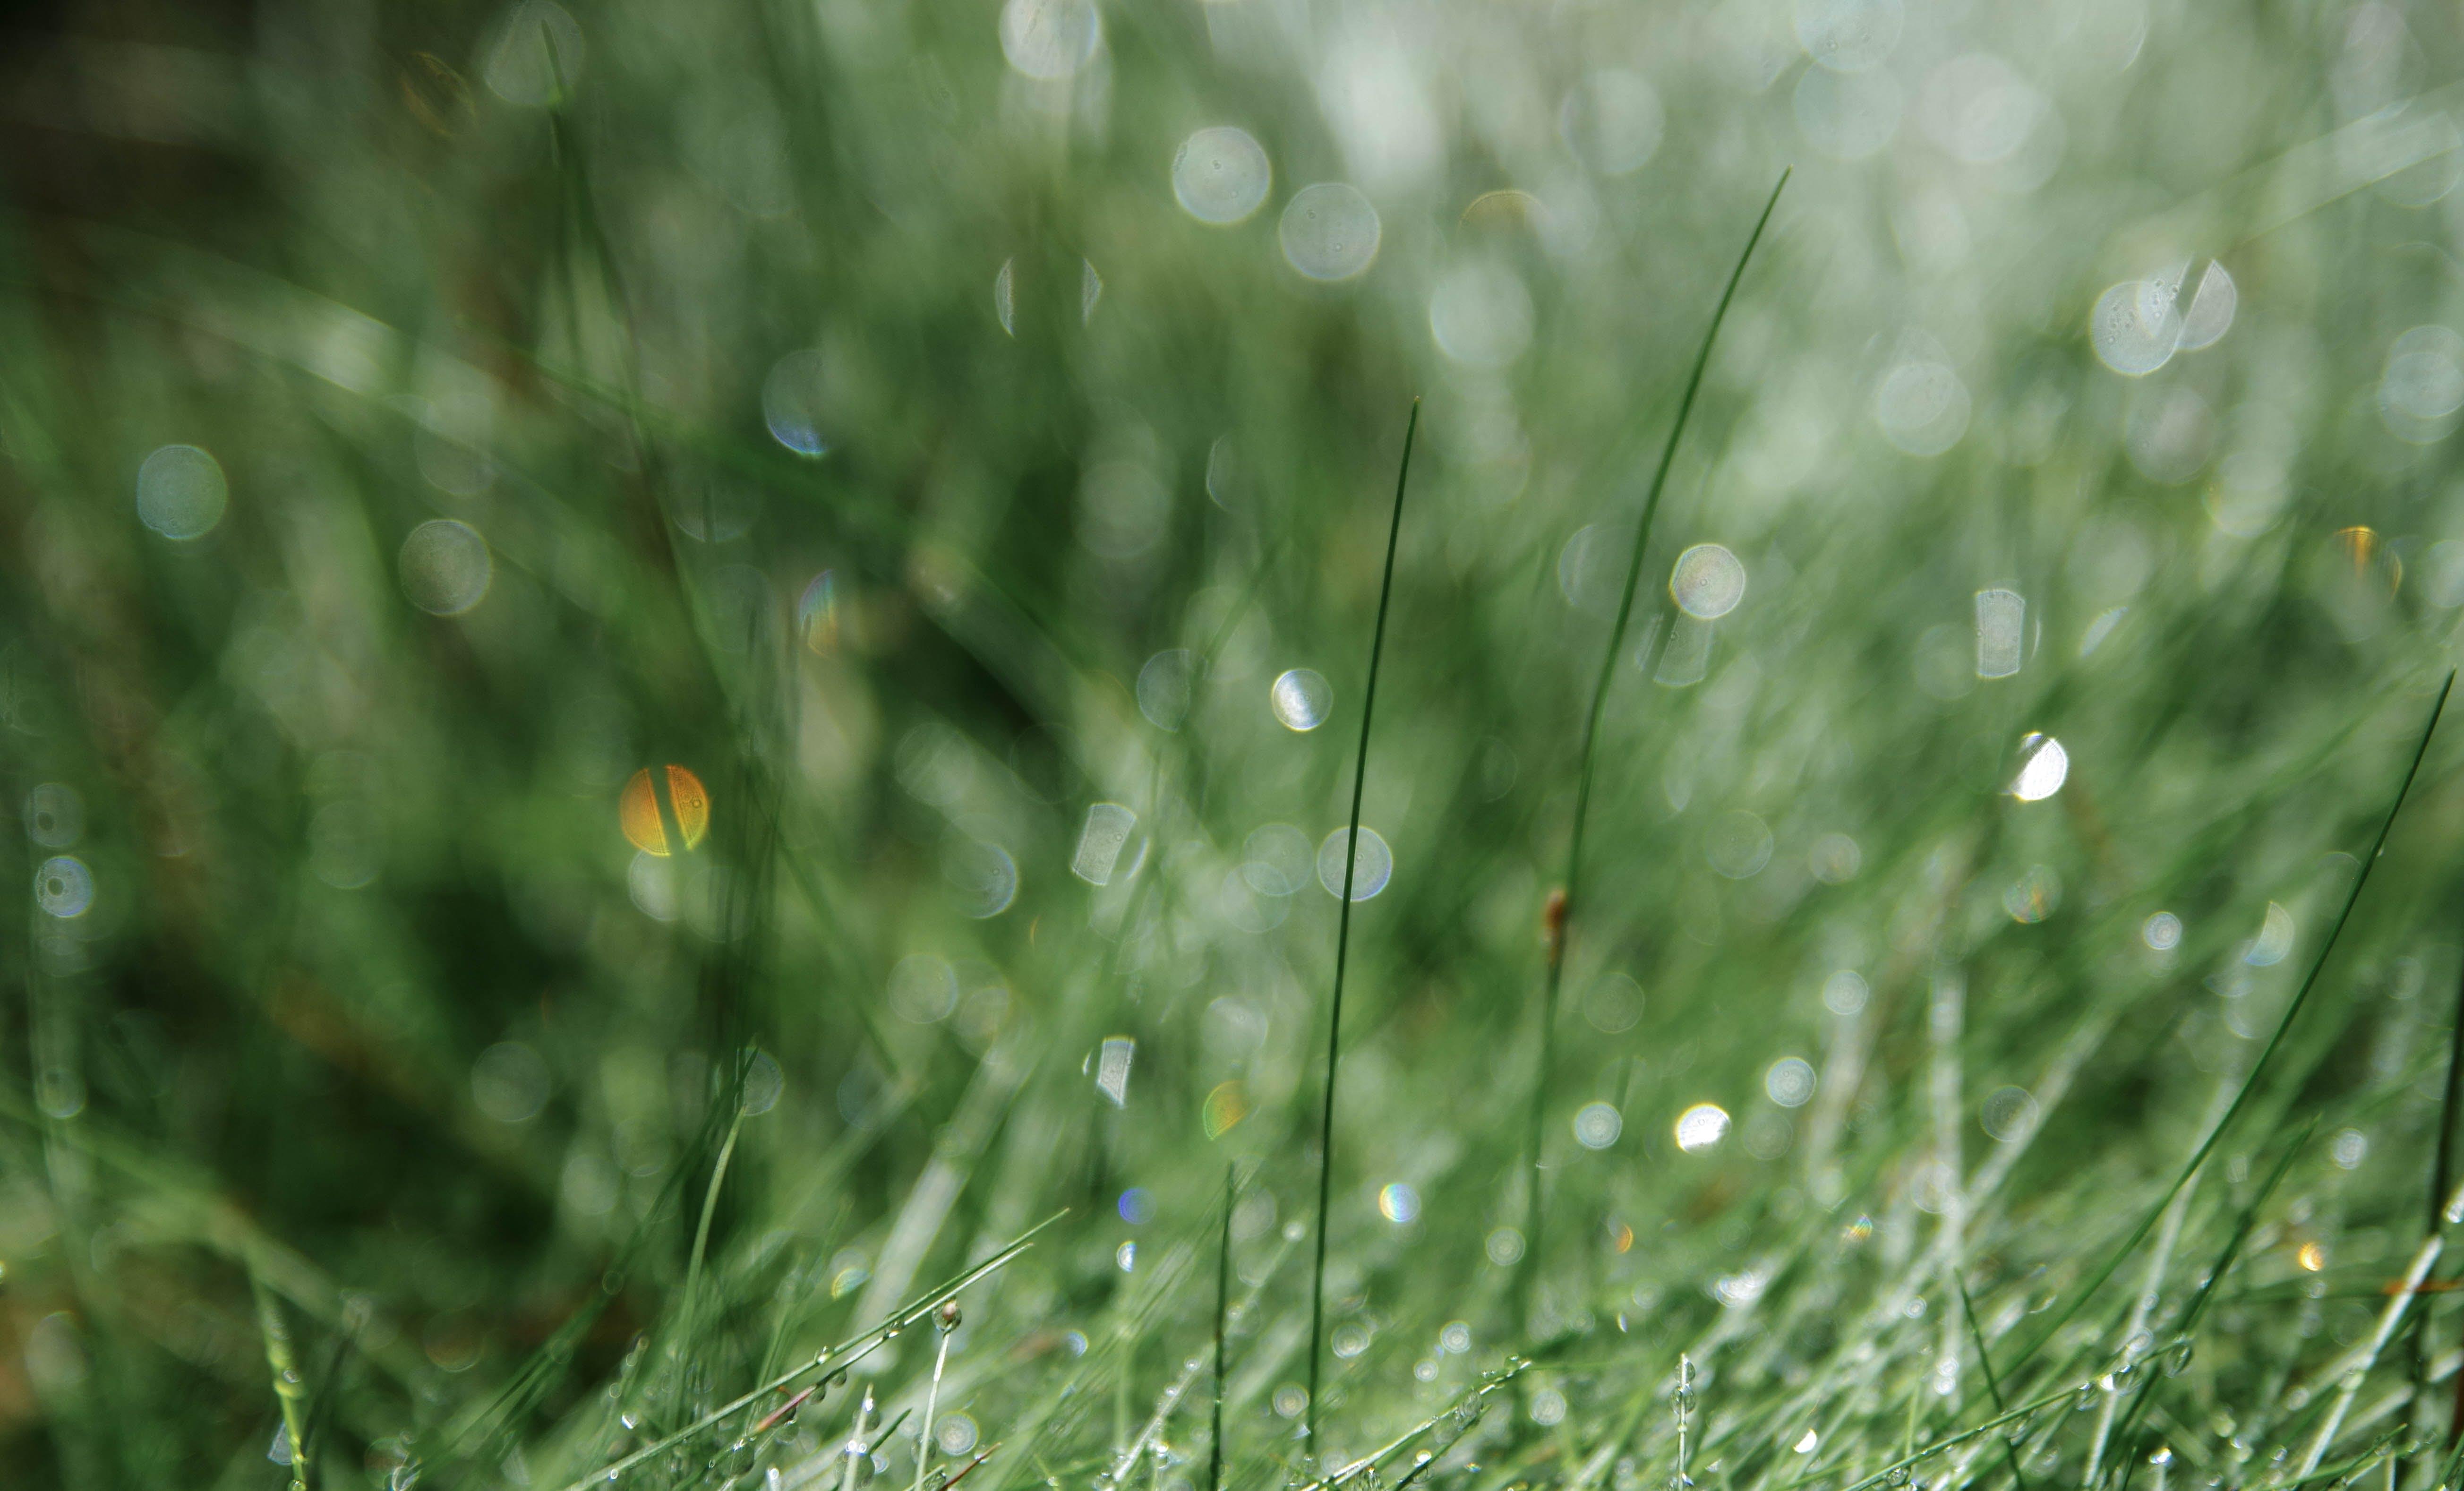 Ảnh lưu trữ miễn phí về bãi cỏ, cận cảnh, cỏ, giọt nước